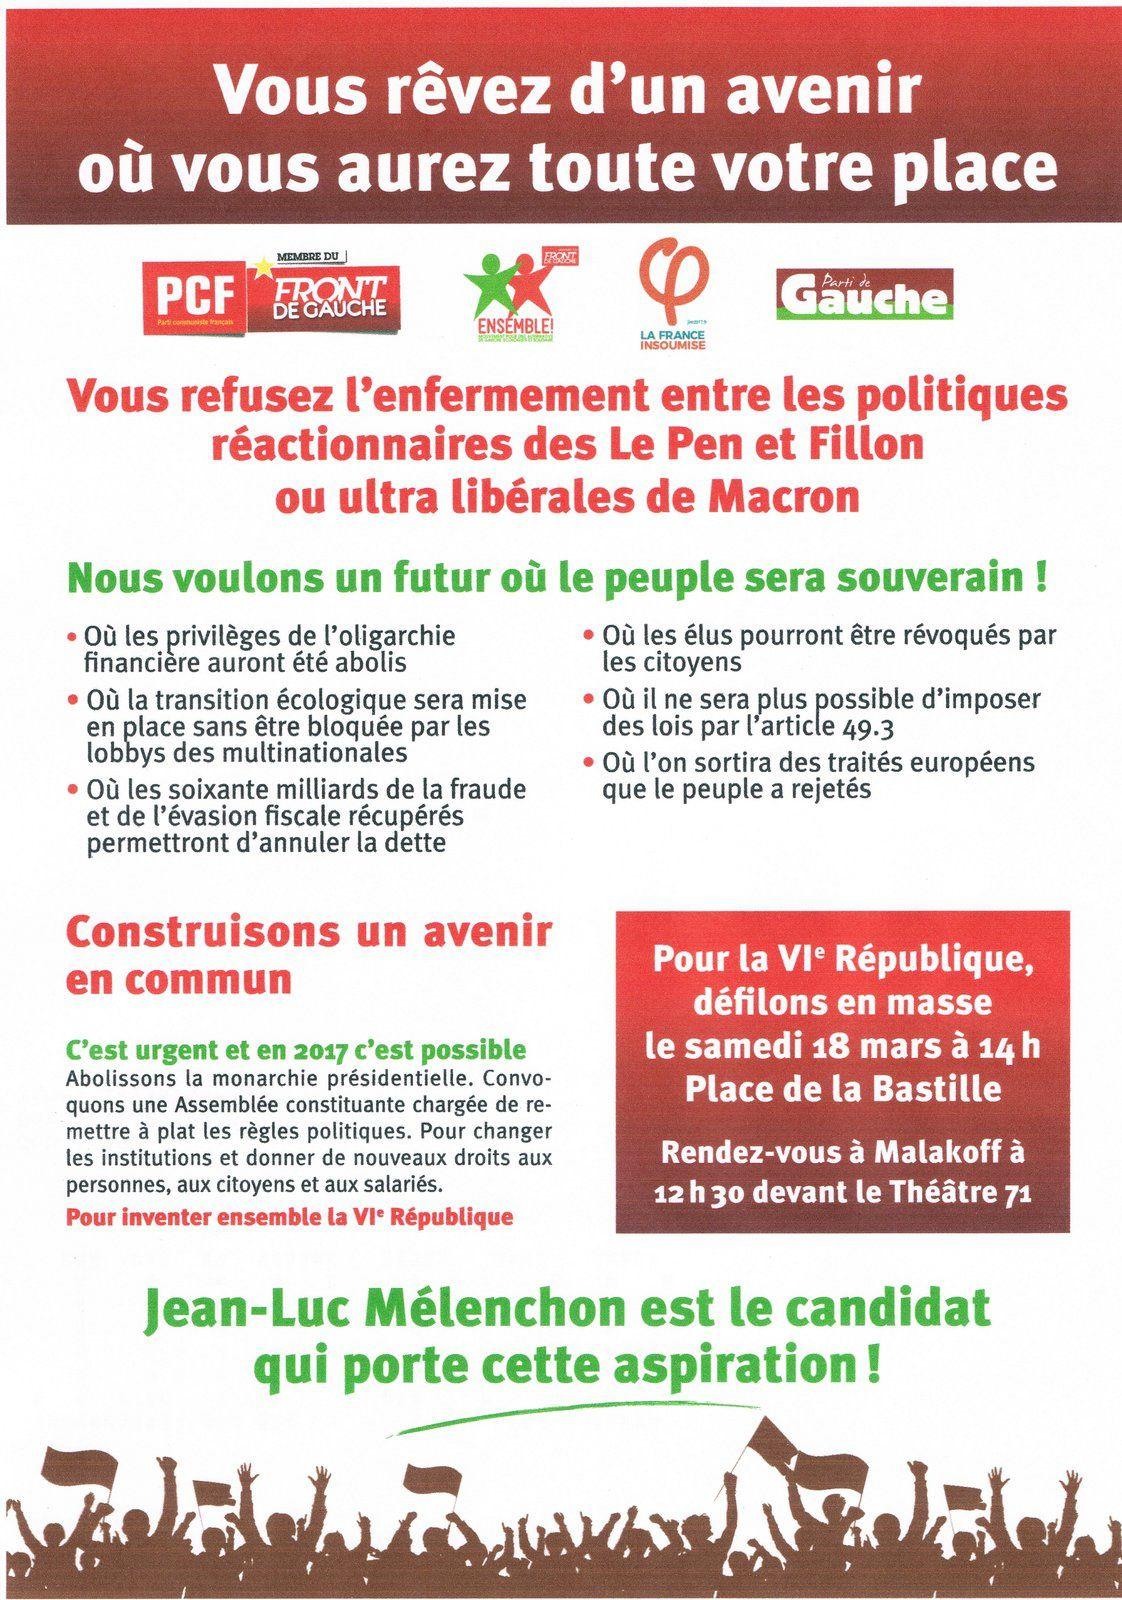 Malakoff: PCF et Ensemble entrent en campagne présidentielle